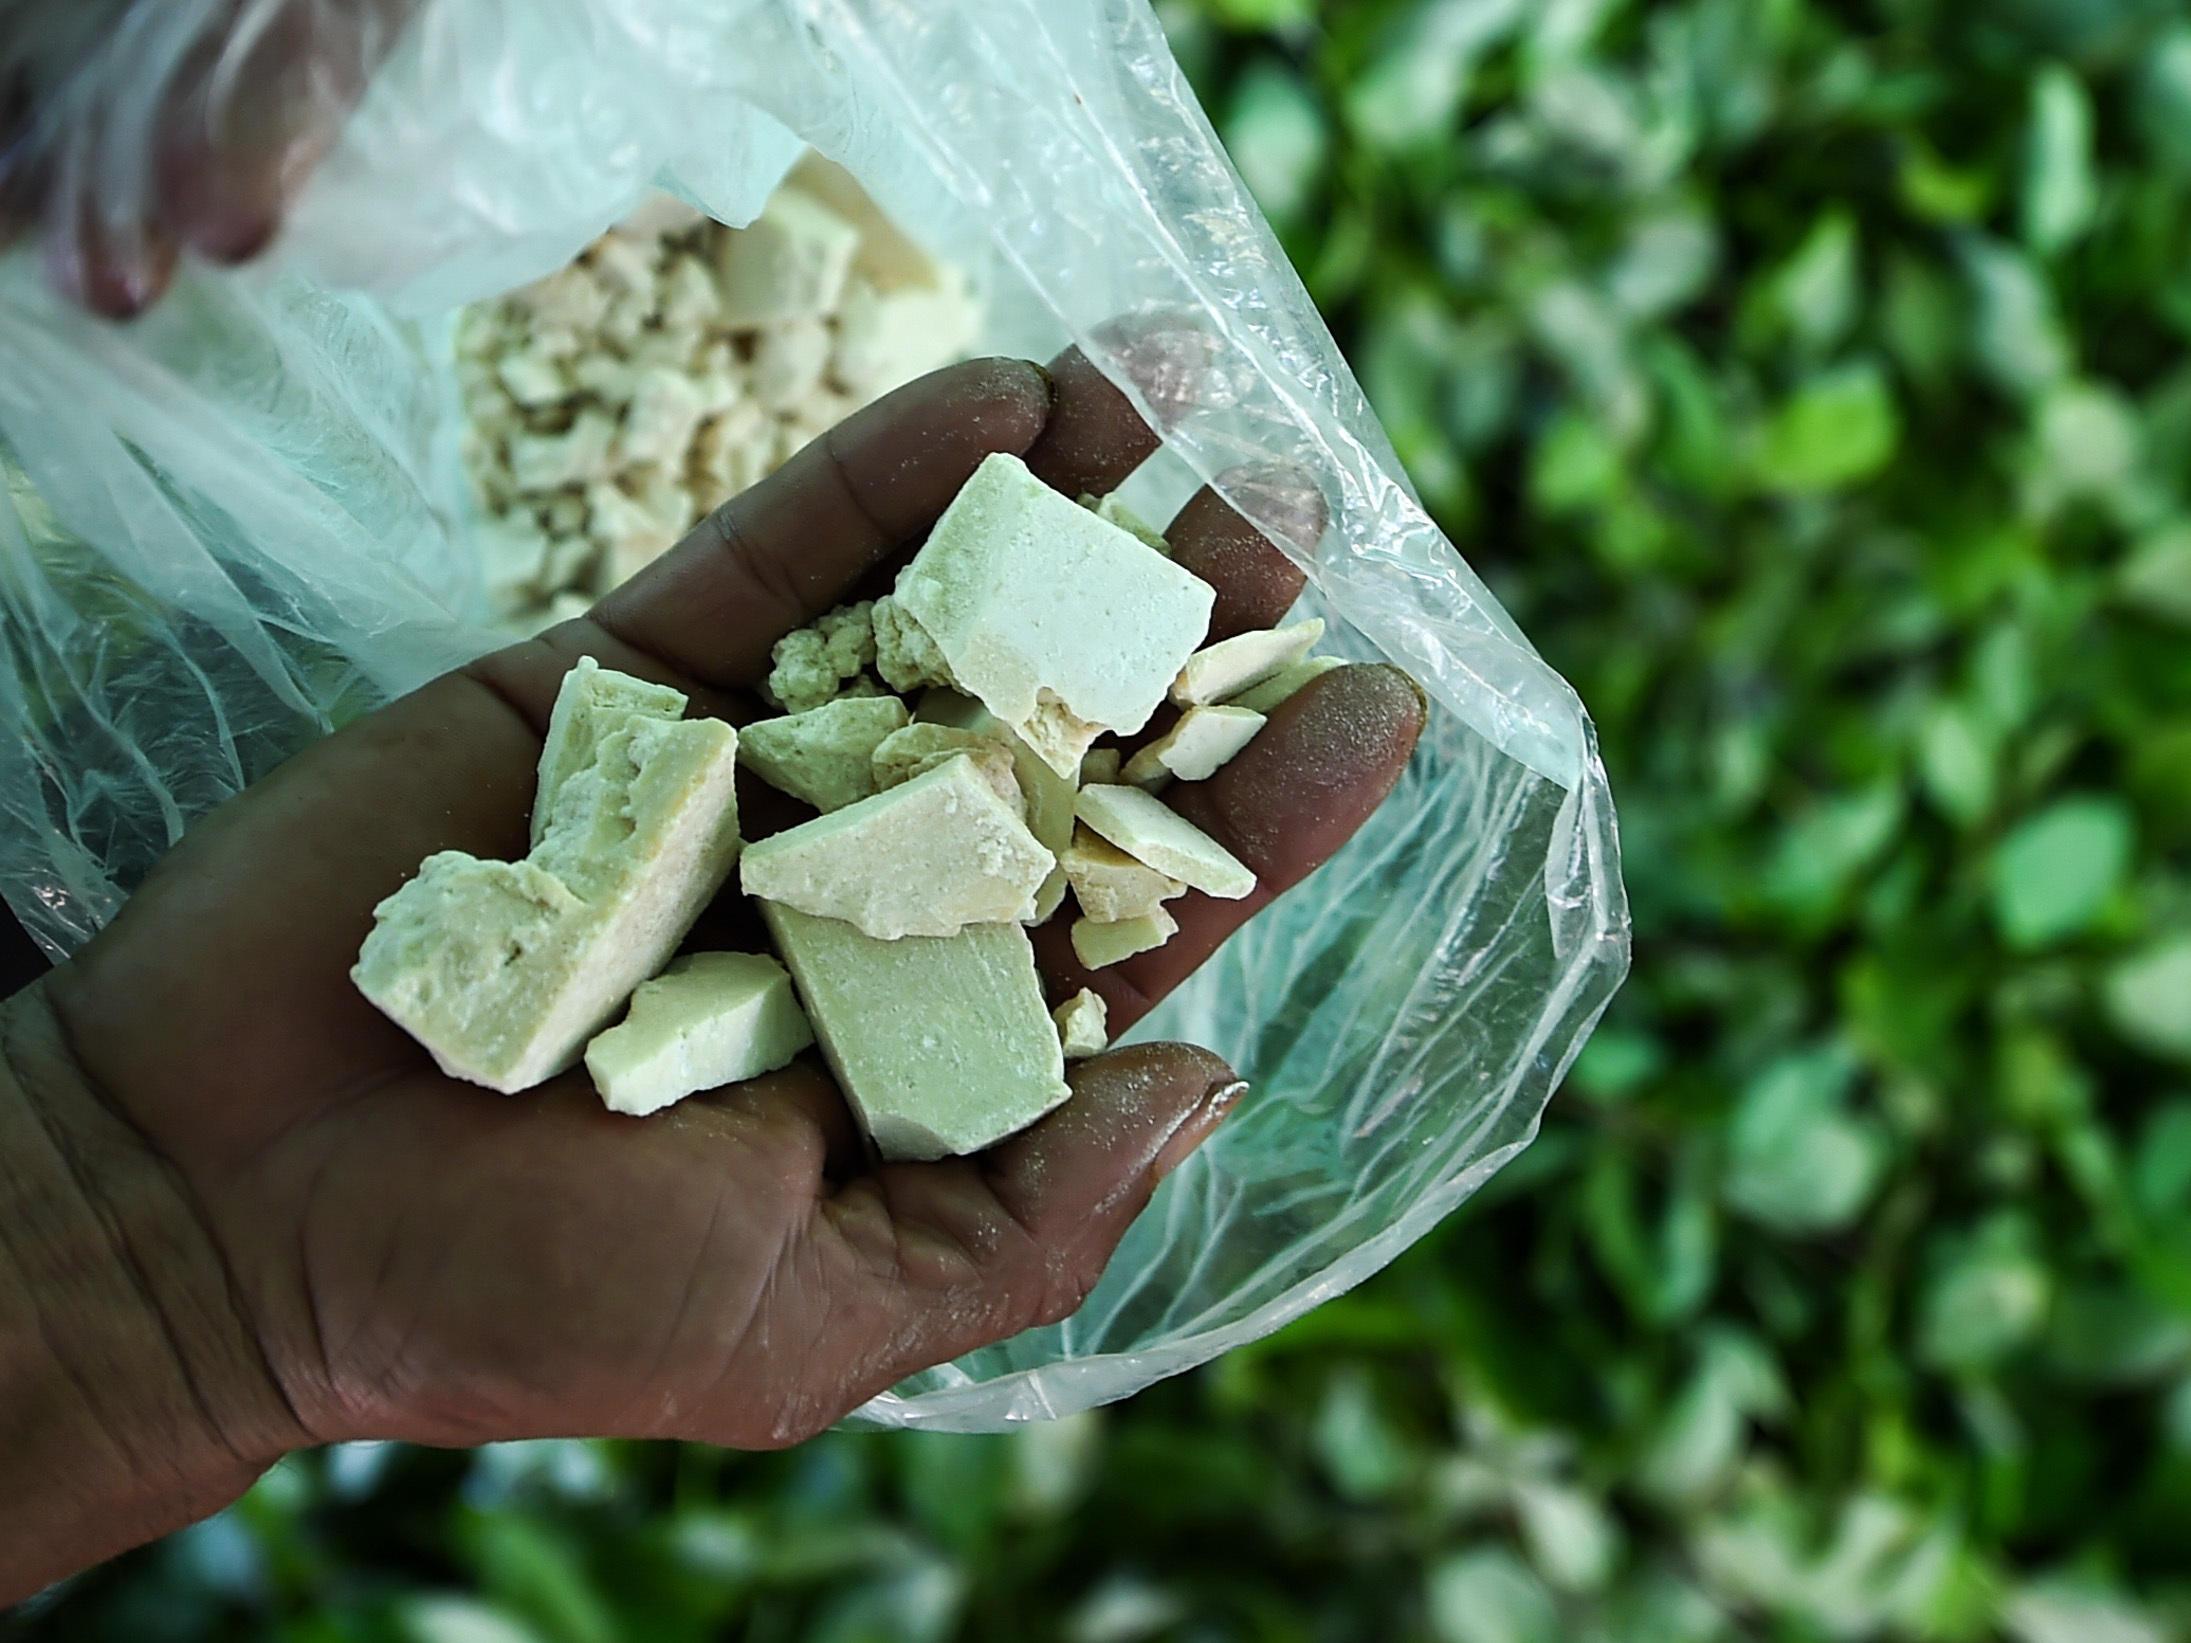 La cuarta parte de la gasolina vendida en Colombia se usa para hacer cocaína